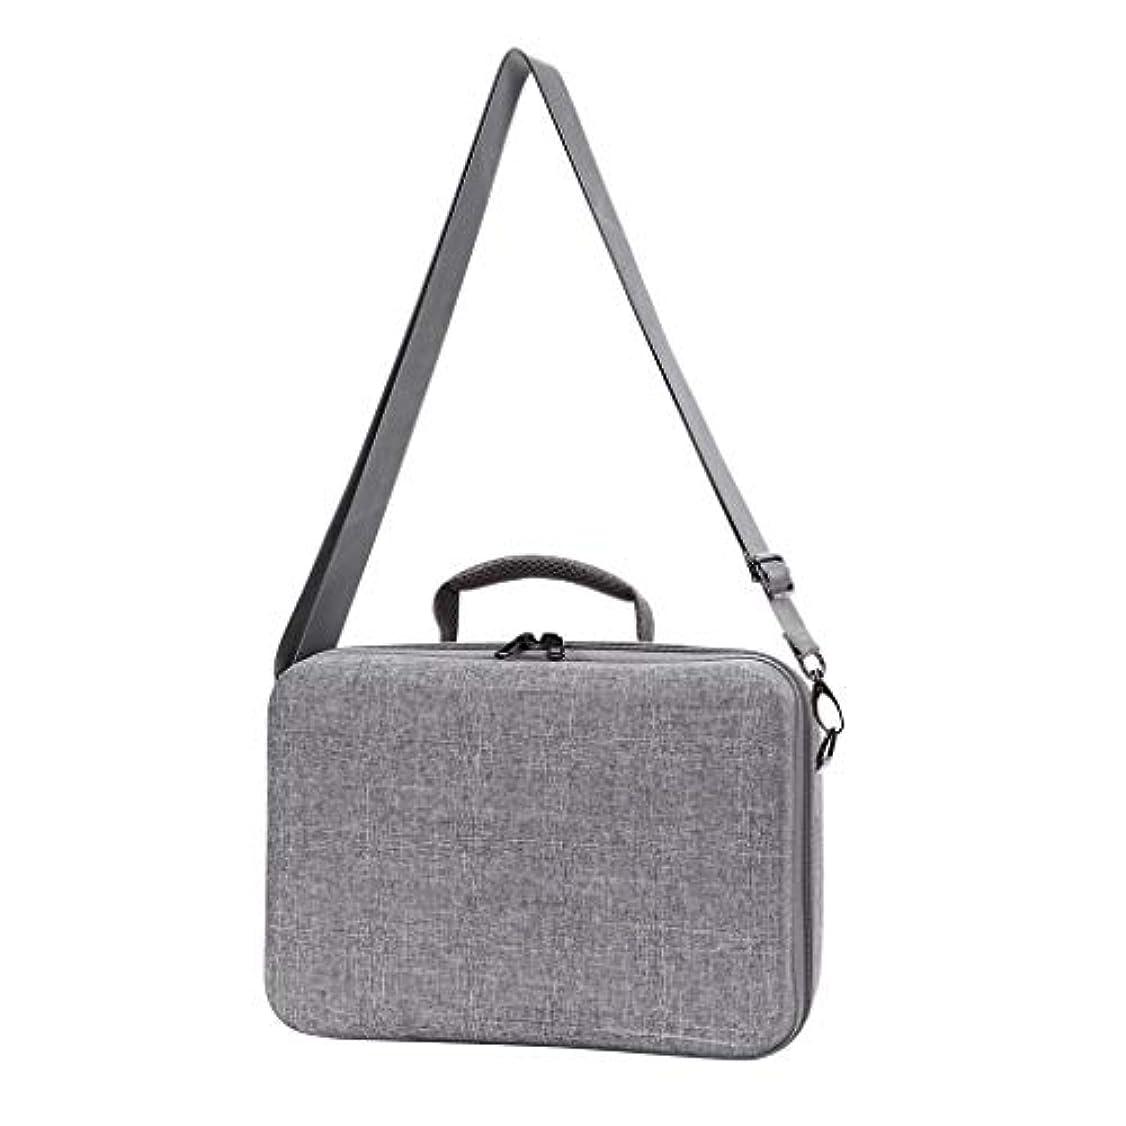 万一に備えて子羊講堂収納バッグ スーツケース 防水 道具 ケース 汎用性